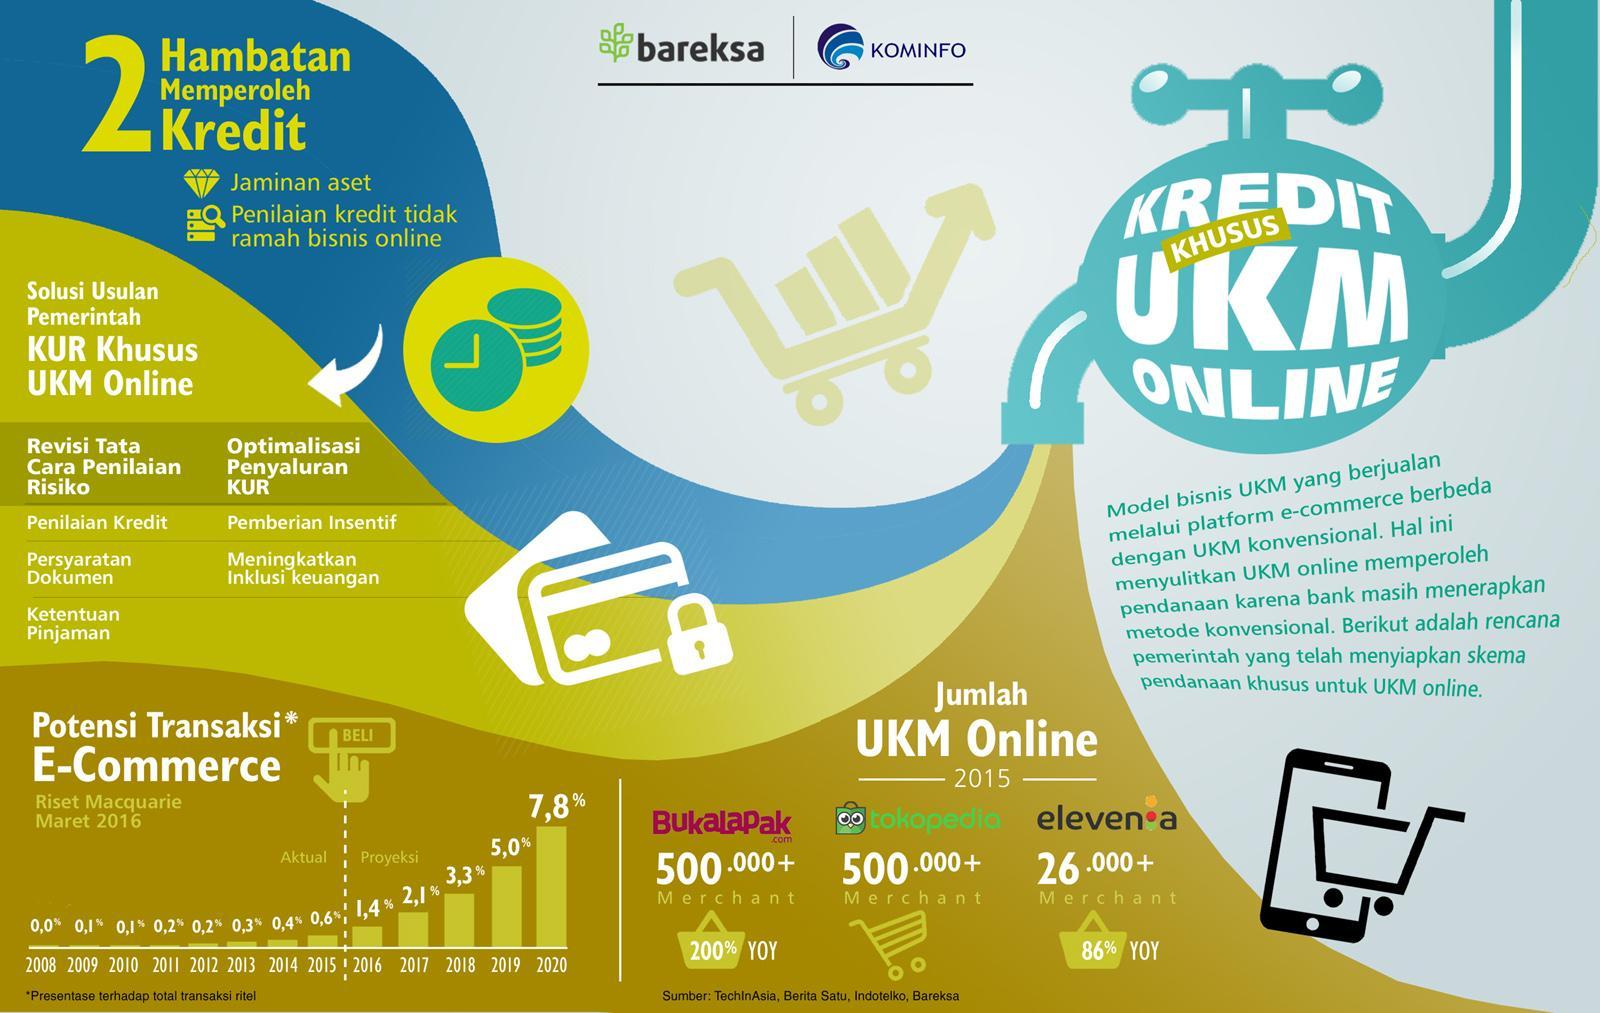 KUR untuk UKM Online di Indonesia (Infografis) Kredit Khusus UKM Online Bareksa - Perencana Keuangan Independen Finansialku